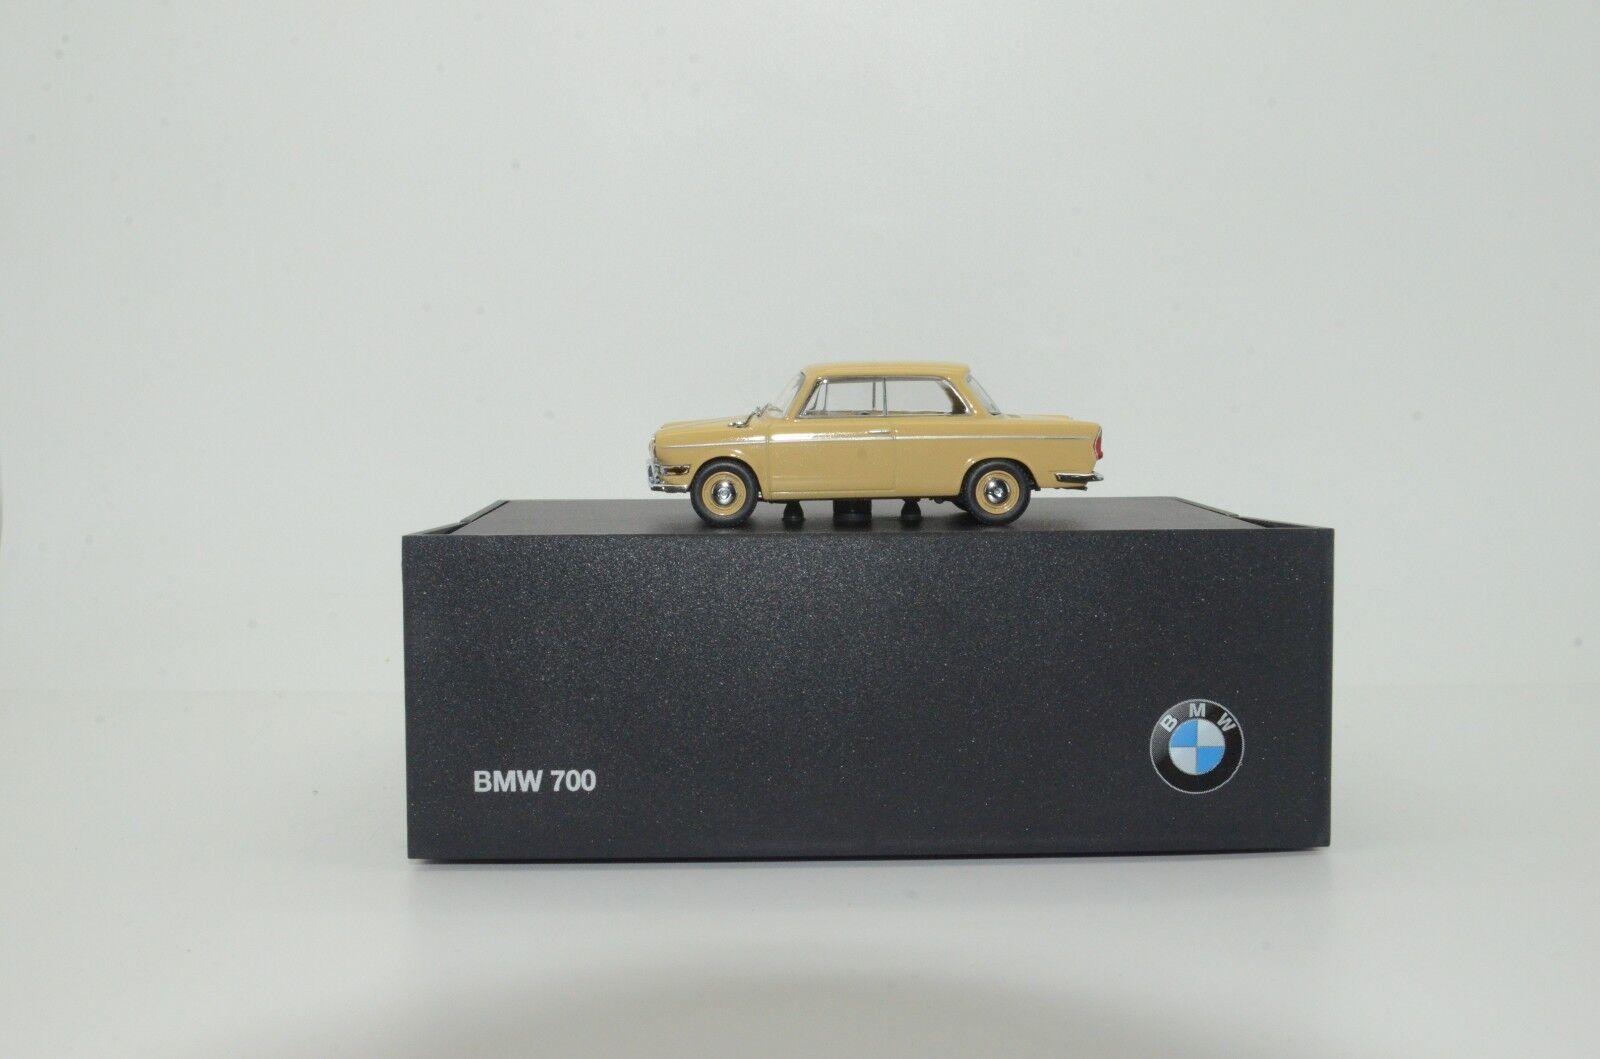 el precio más bajo    rara      Concesionario BMW 700 Caja Minichamps 80420153662 1 43  gran venta